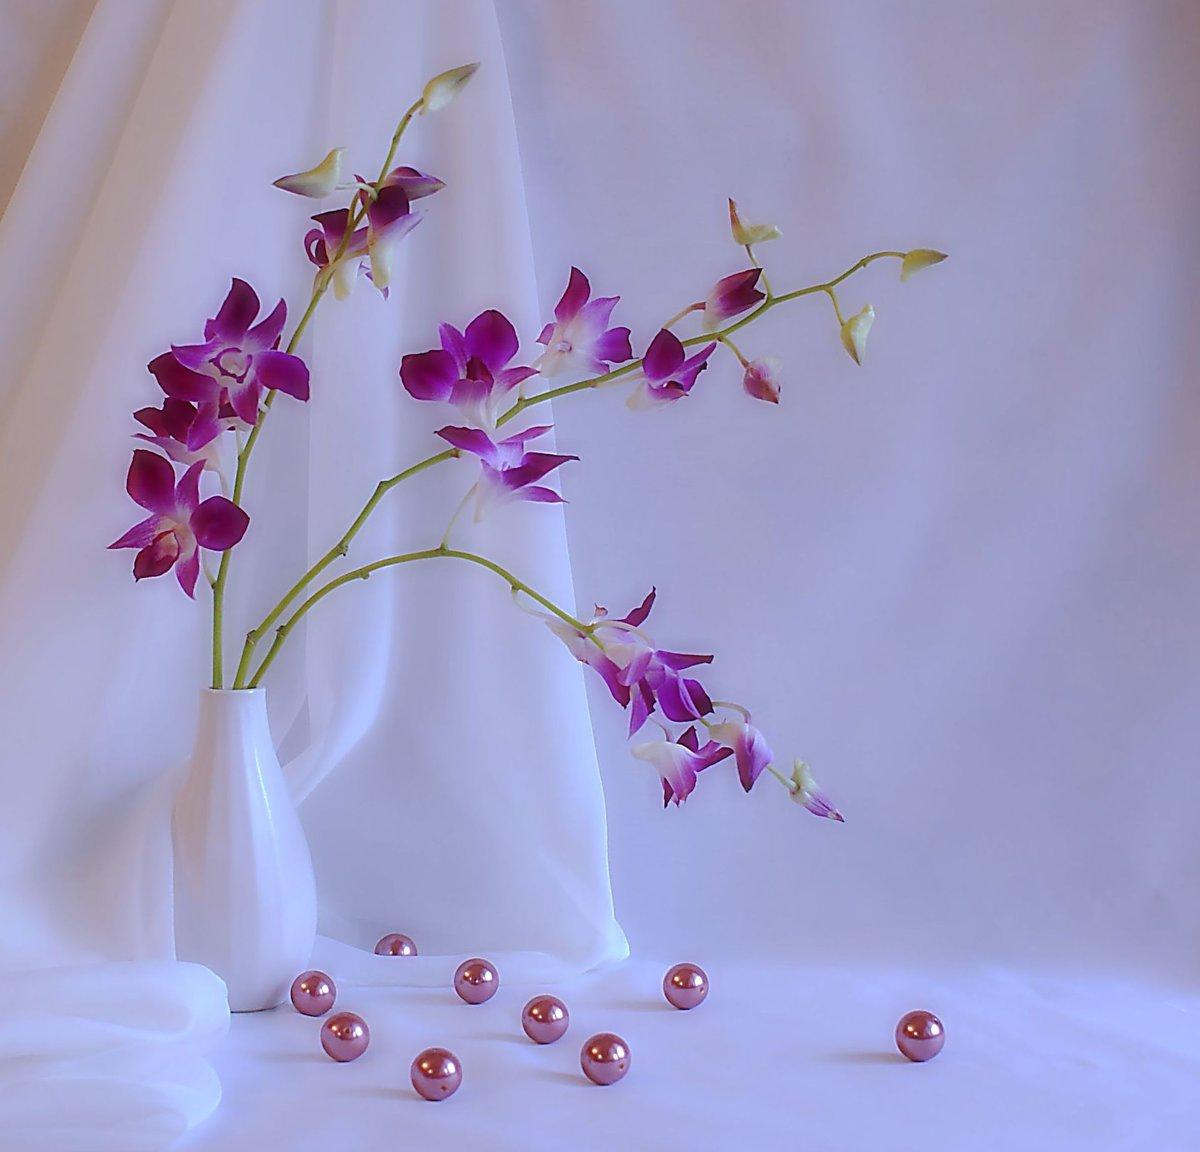 Открытки цветы орхидеи с днем рождения, открытки